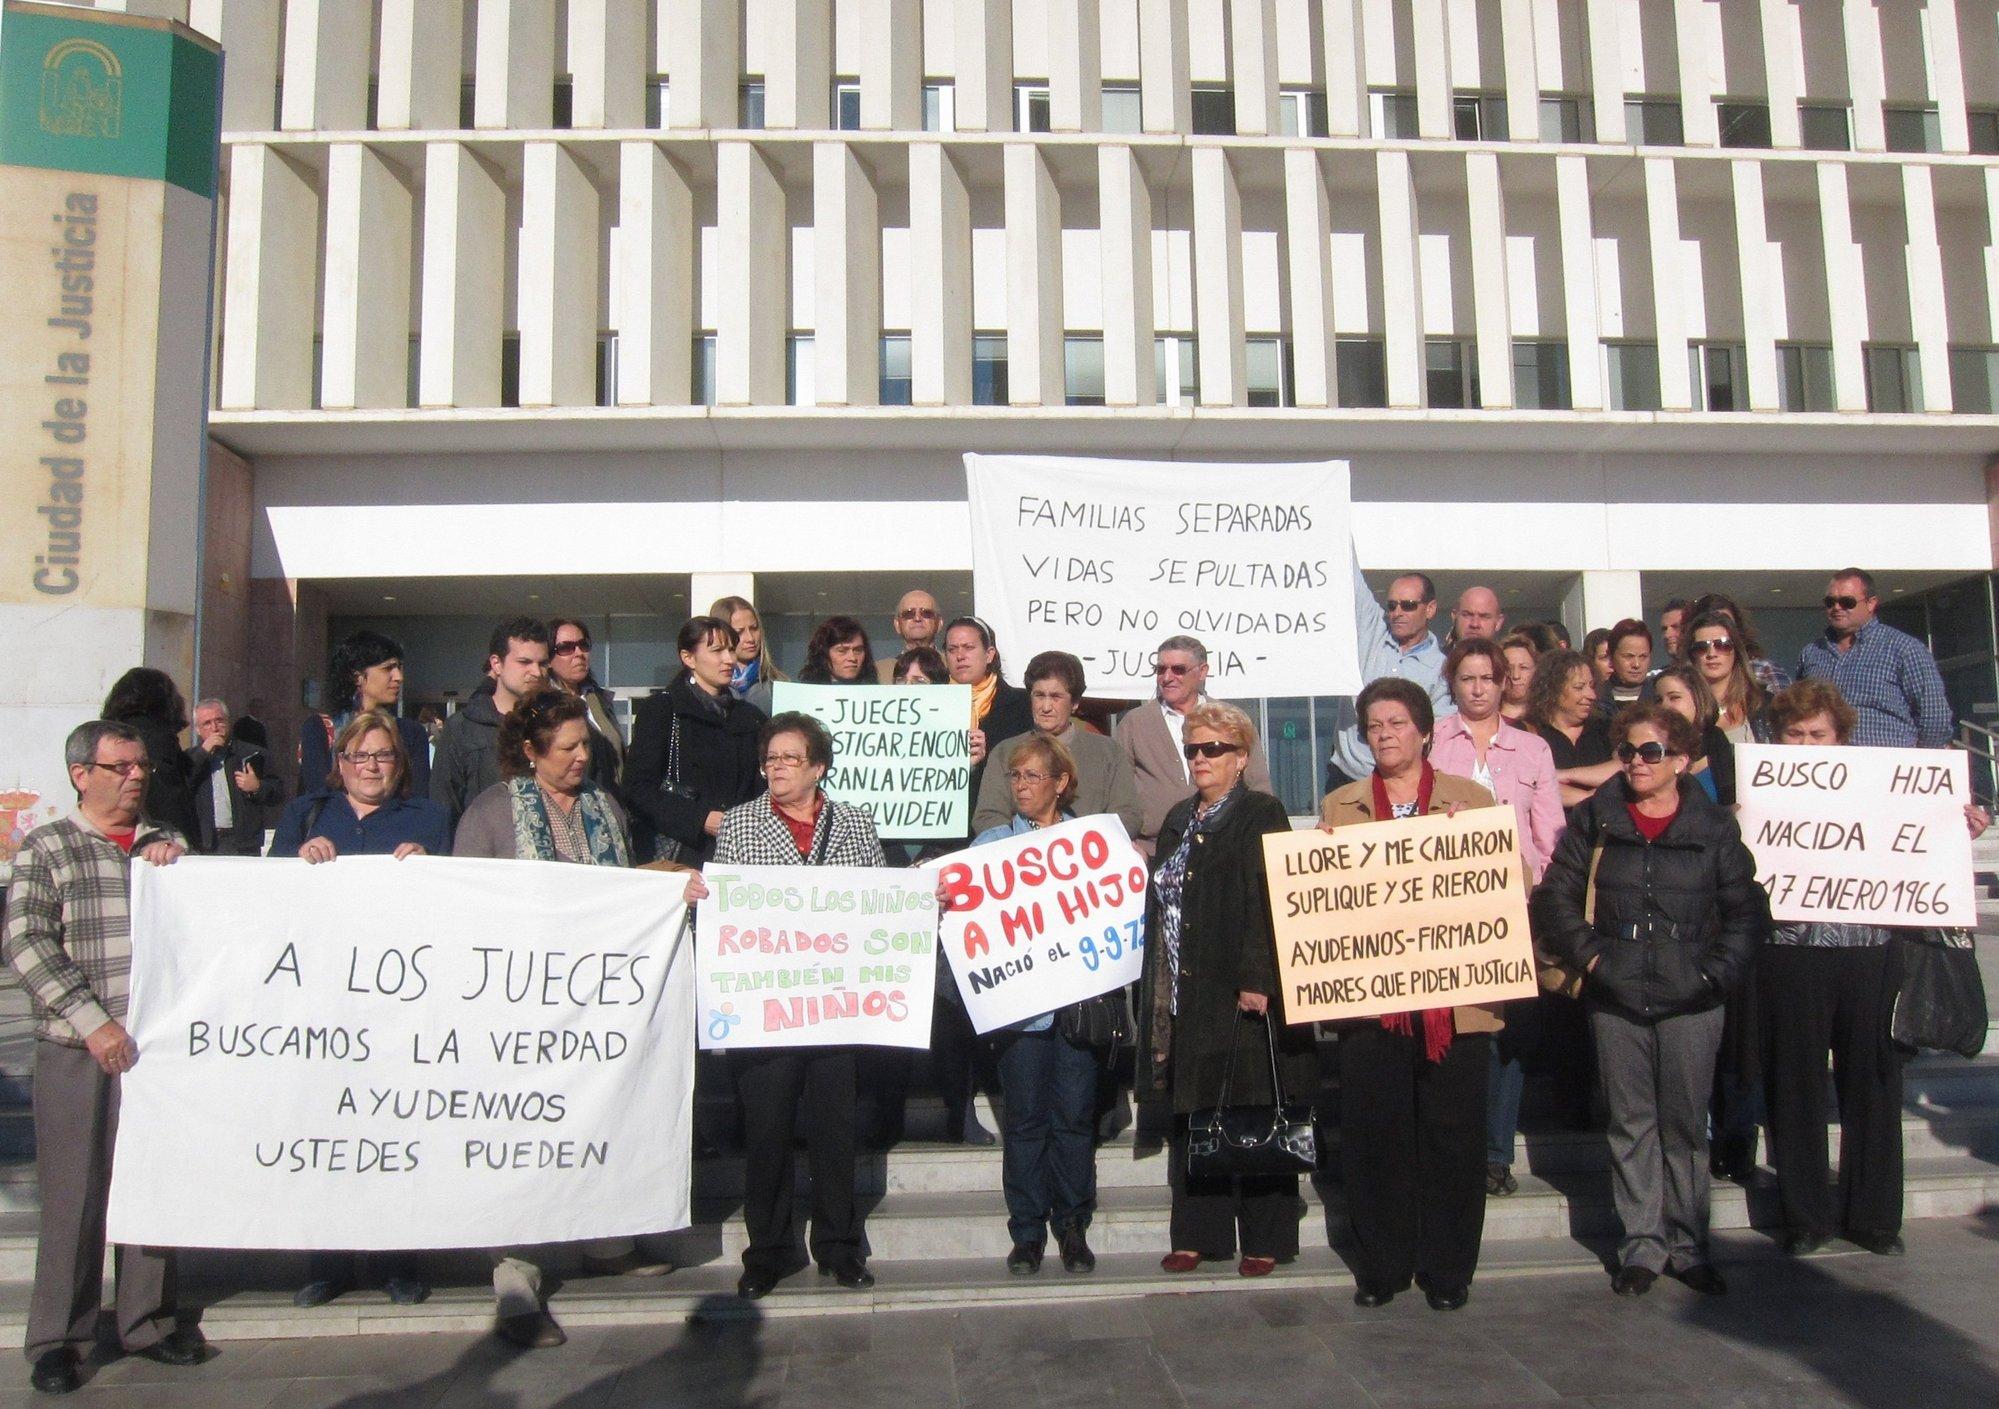 La Rioja ha archivado 7 denuncias sobre bebés robados